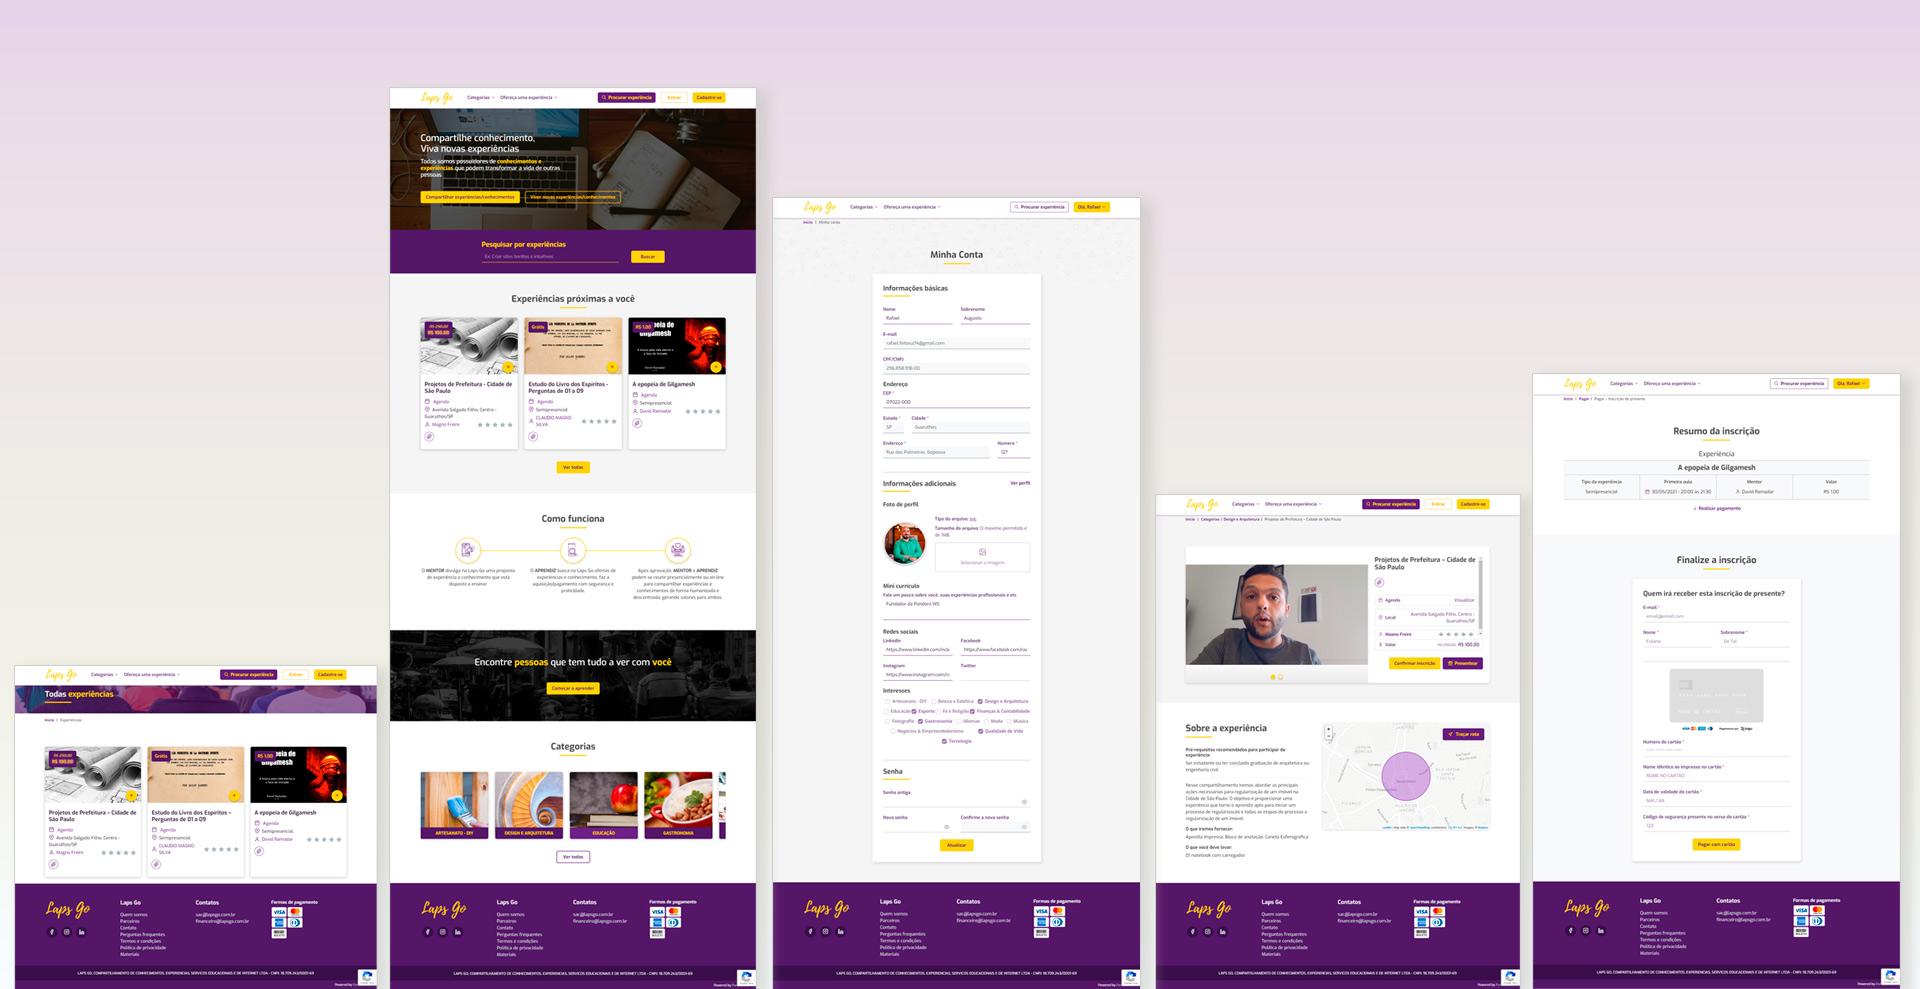 lapsgo-telas-desktop